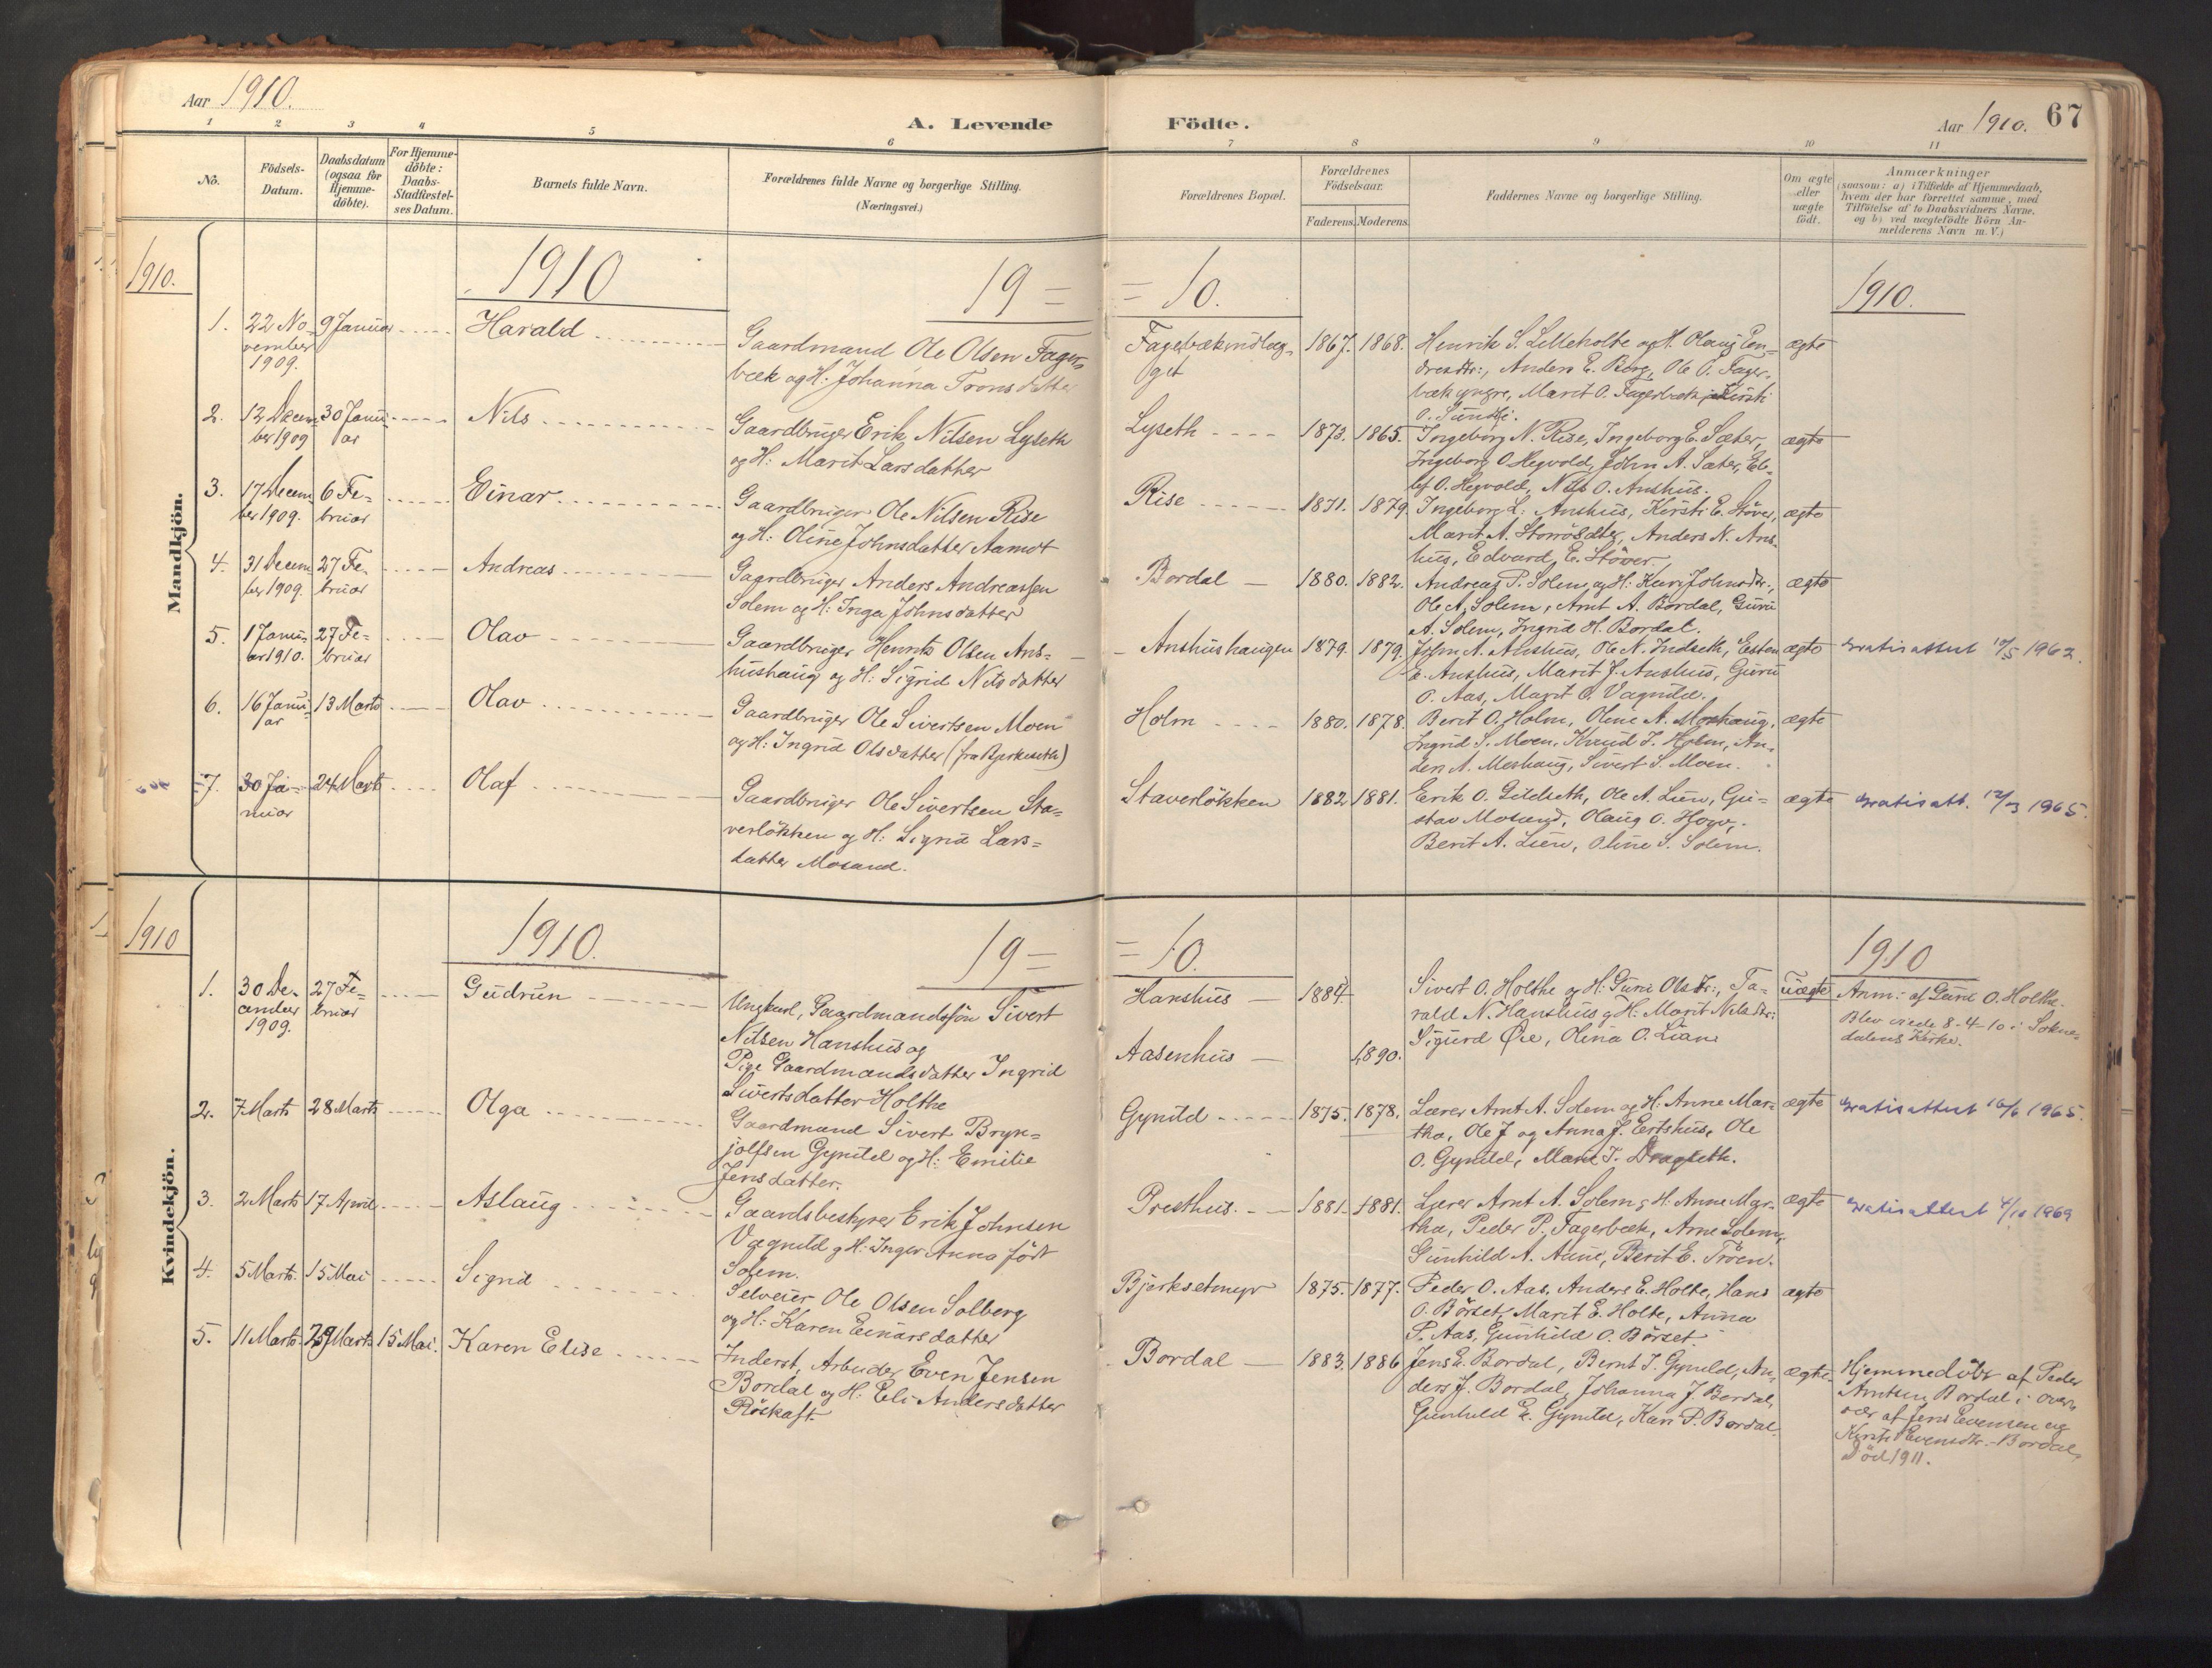 SAT, Ministerialprotokoller, klokkerbøker og fødselsregistre - Sør-Trøndelag, 689/L1041: Ministerialbok nr. 689A06, 1891-1923, s. 67